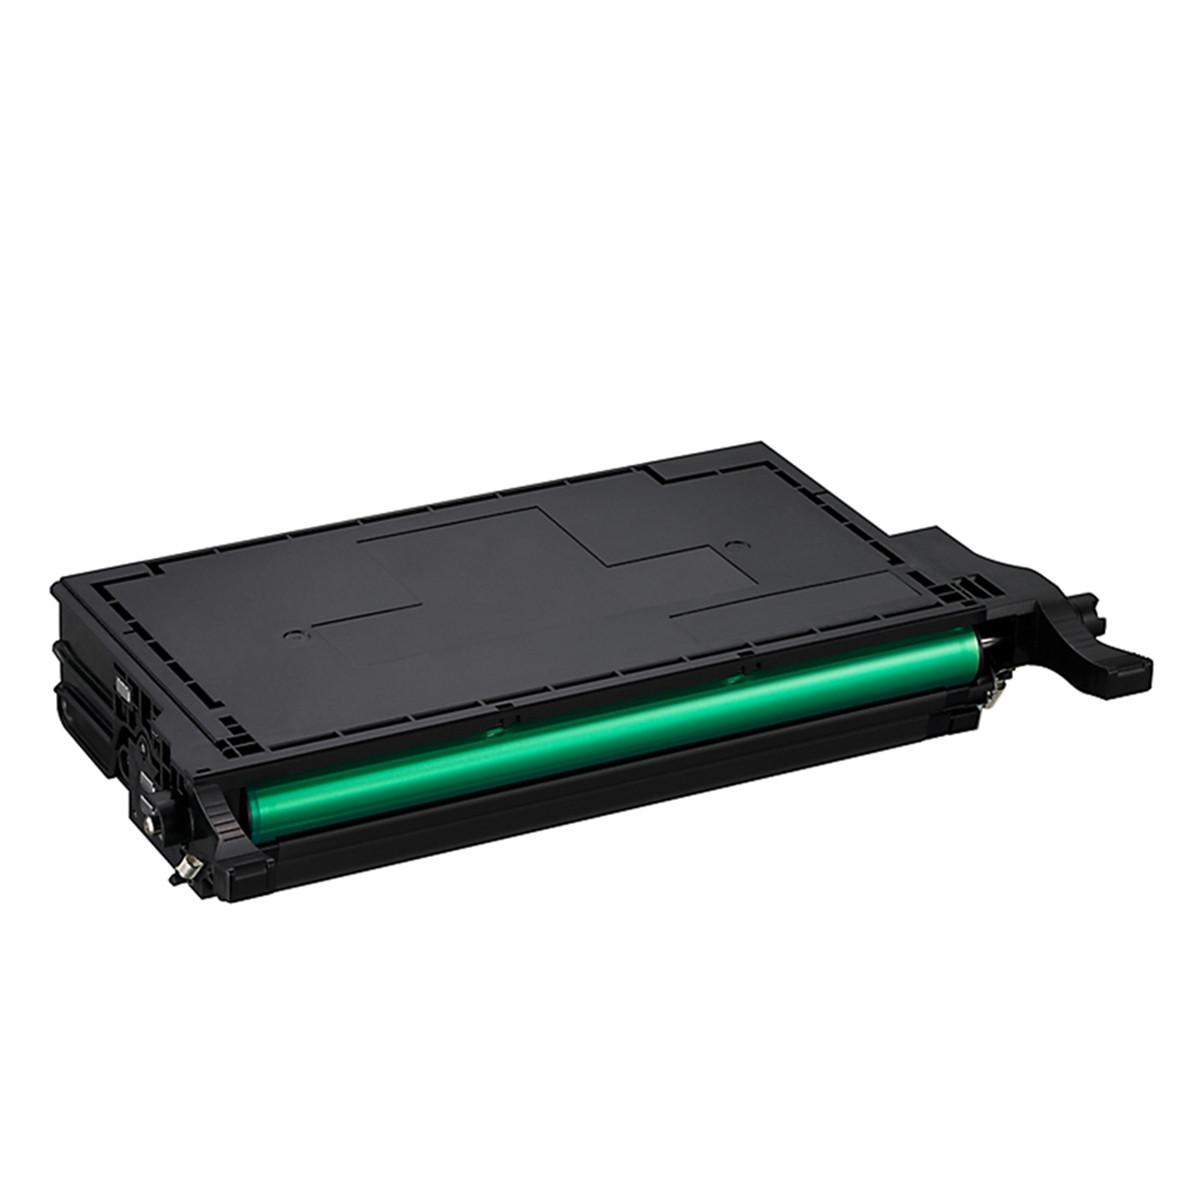 Toner Compatível com Samsung CLT-C508L Ciano | CLP620 CLP670 CLP6220 CLP6250 620ND | Importado 4k